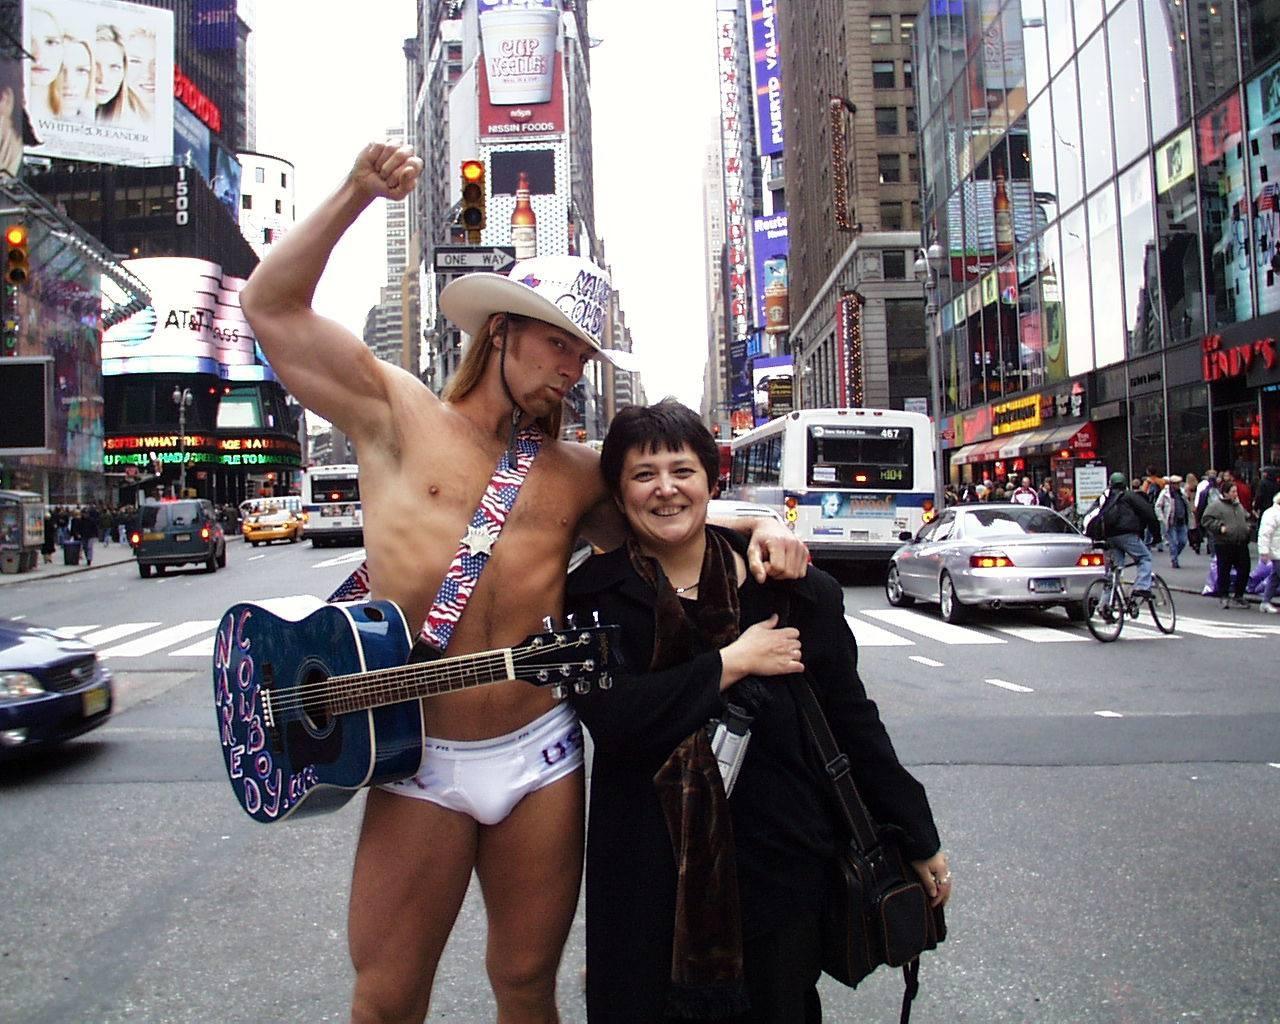 Фото из архива: Парад в Нью-Йорке десять лет назад